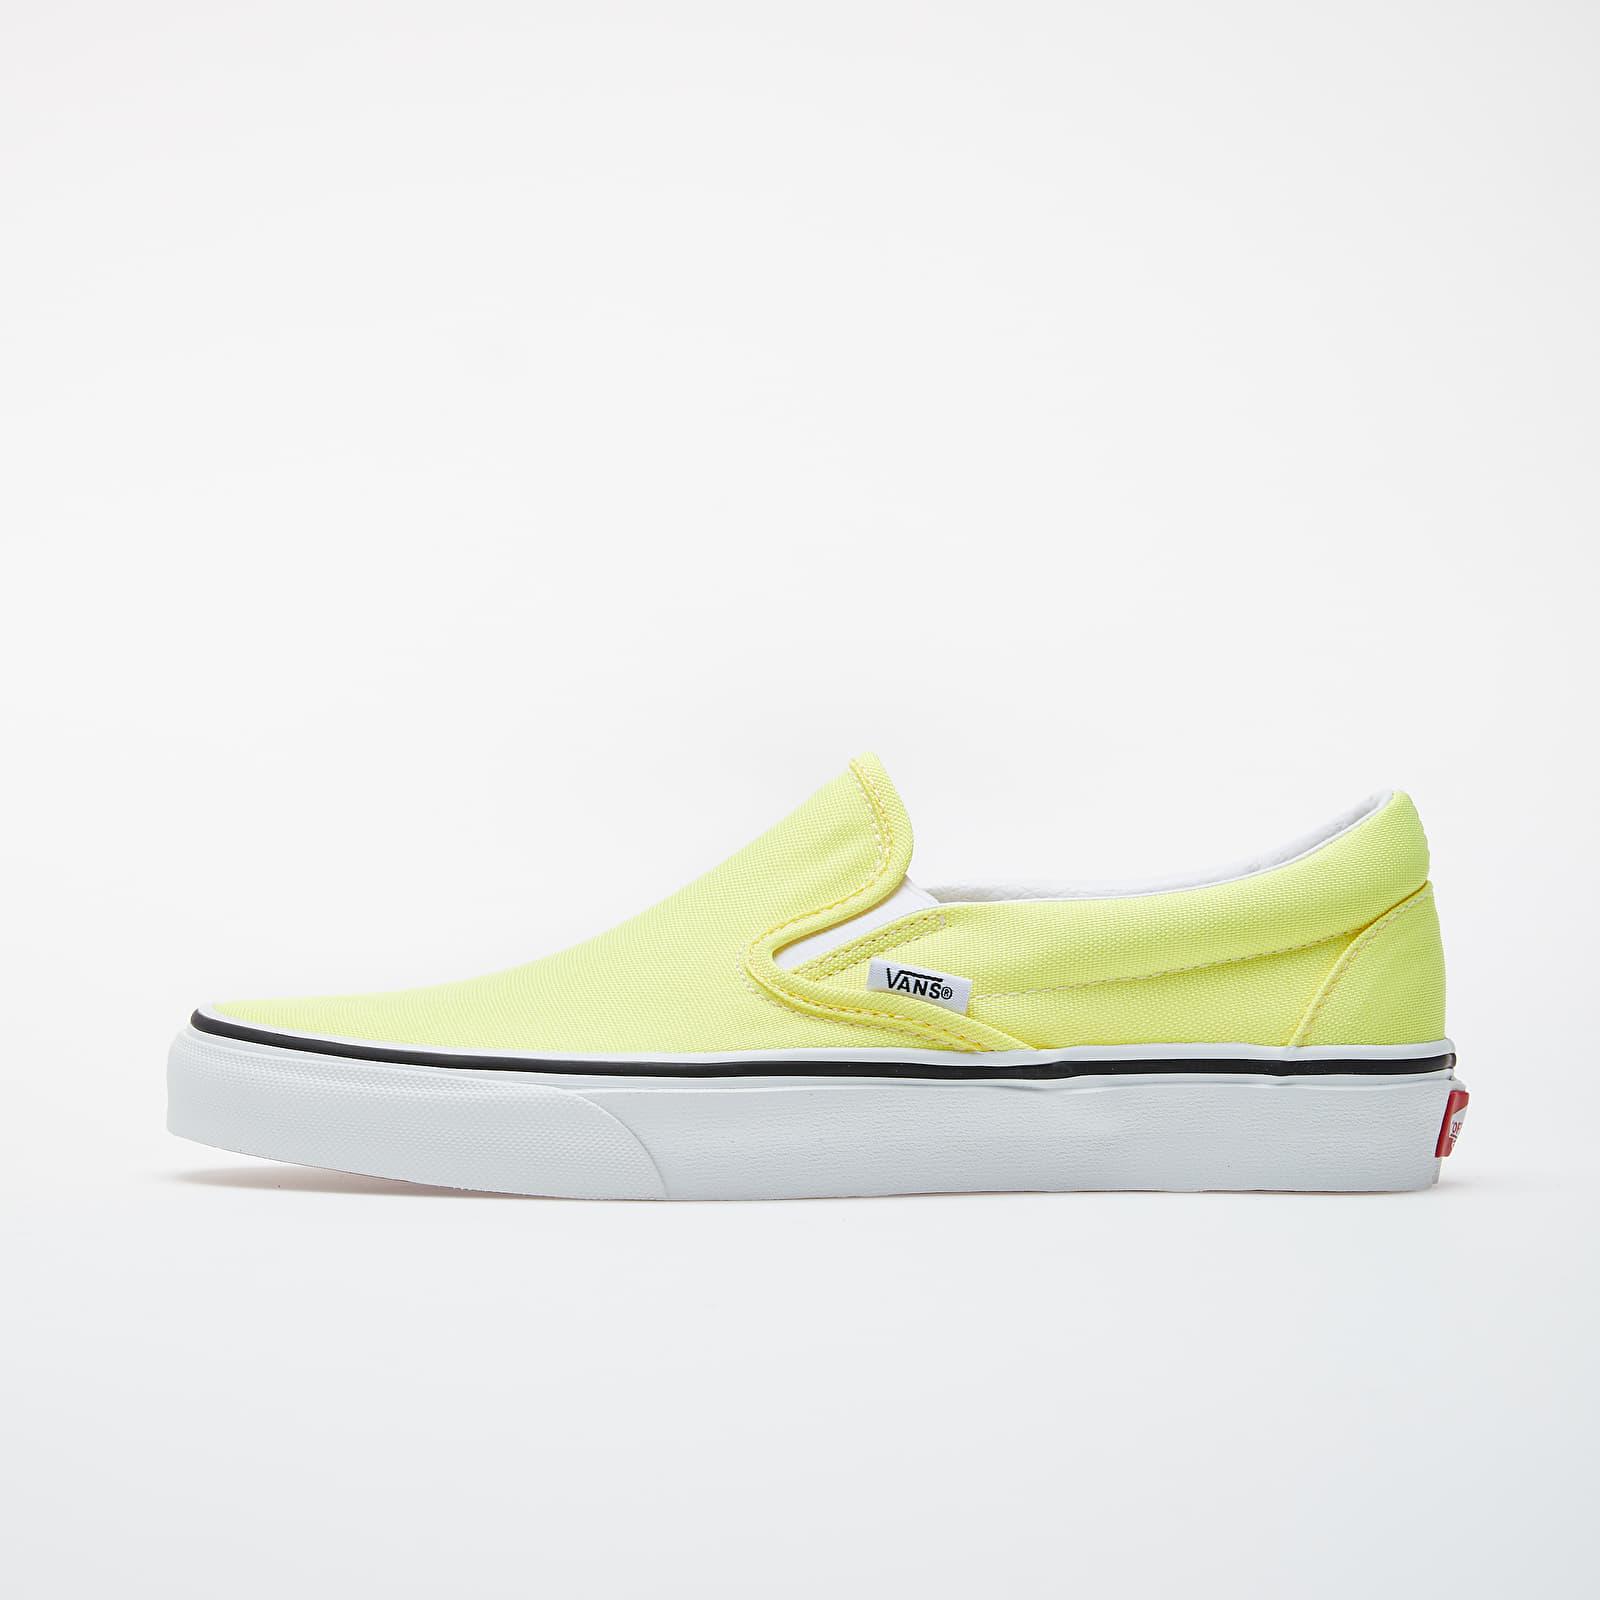 Vans Classic Slip-On (Neon)